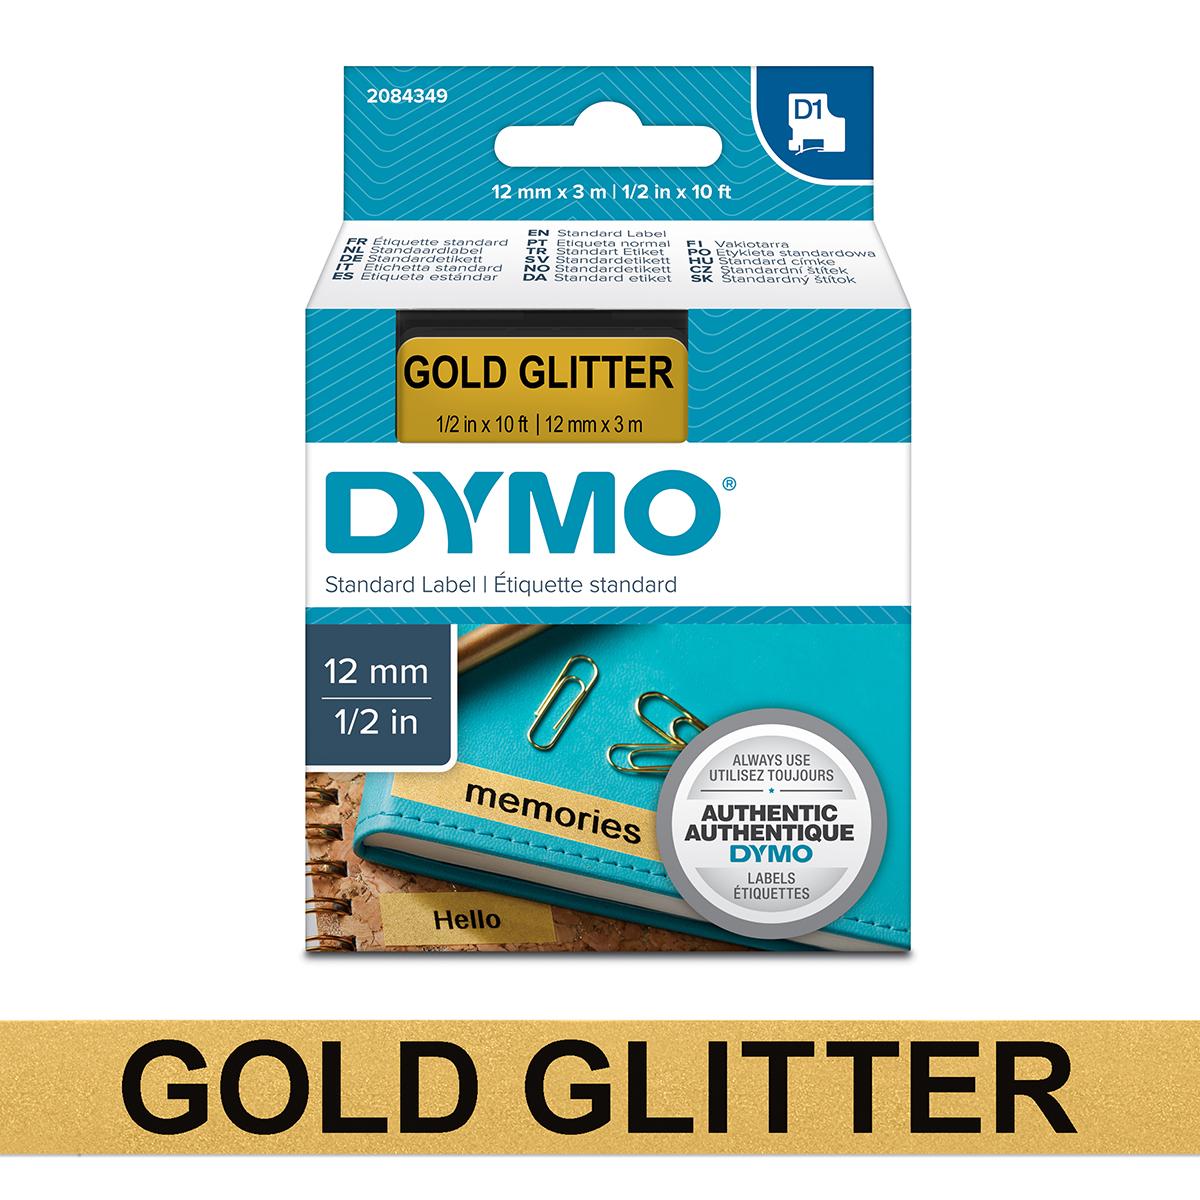 Dymo 2084349 D1 12mm x 3m Black on Gold Glitter Tape